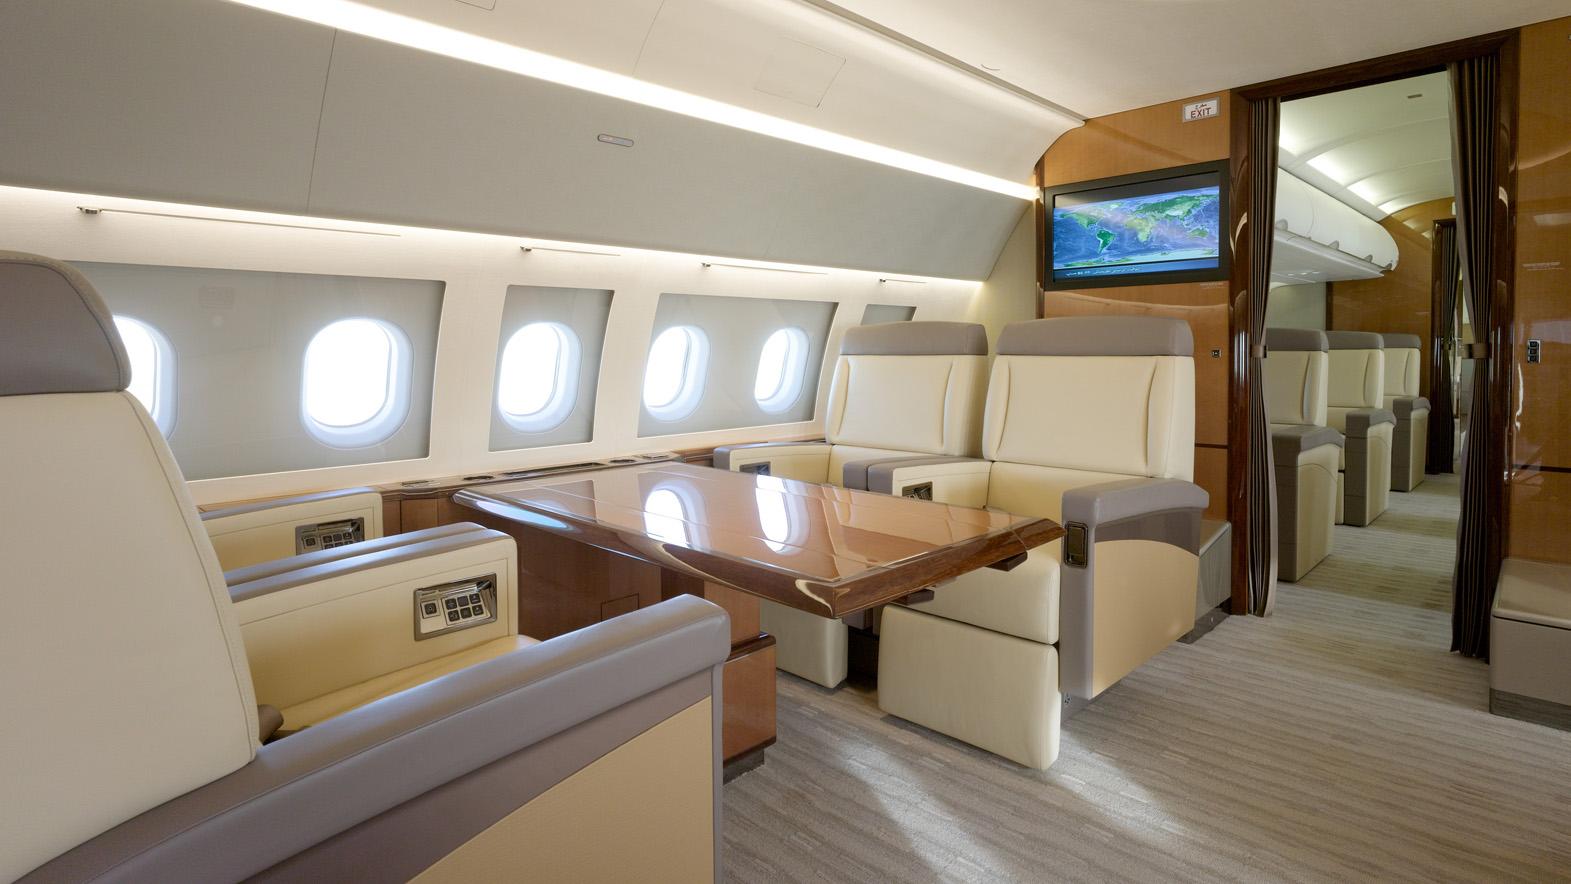 Interior of AIRBUS A319 CJ (19 SEAT)